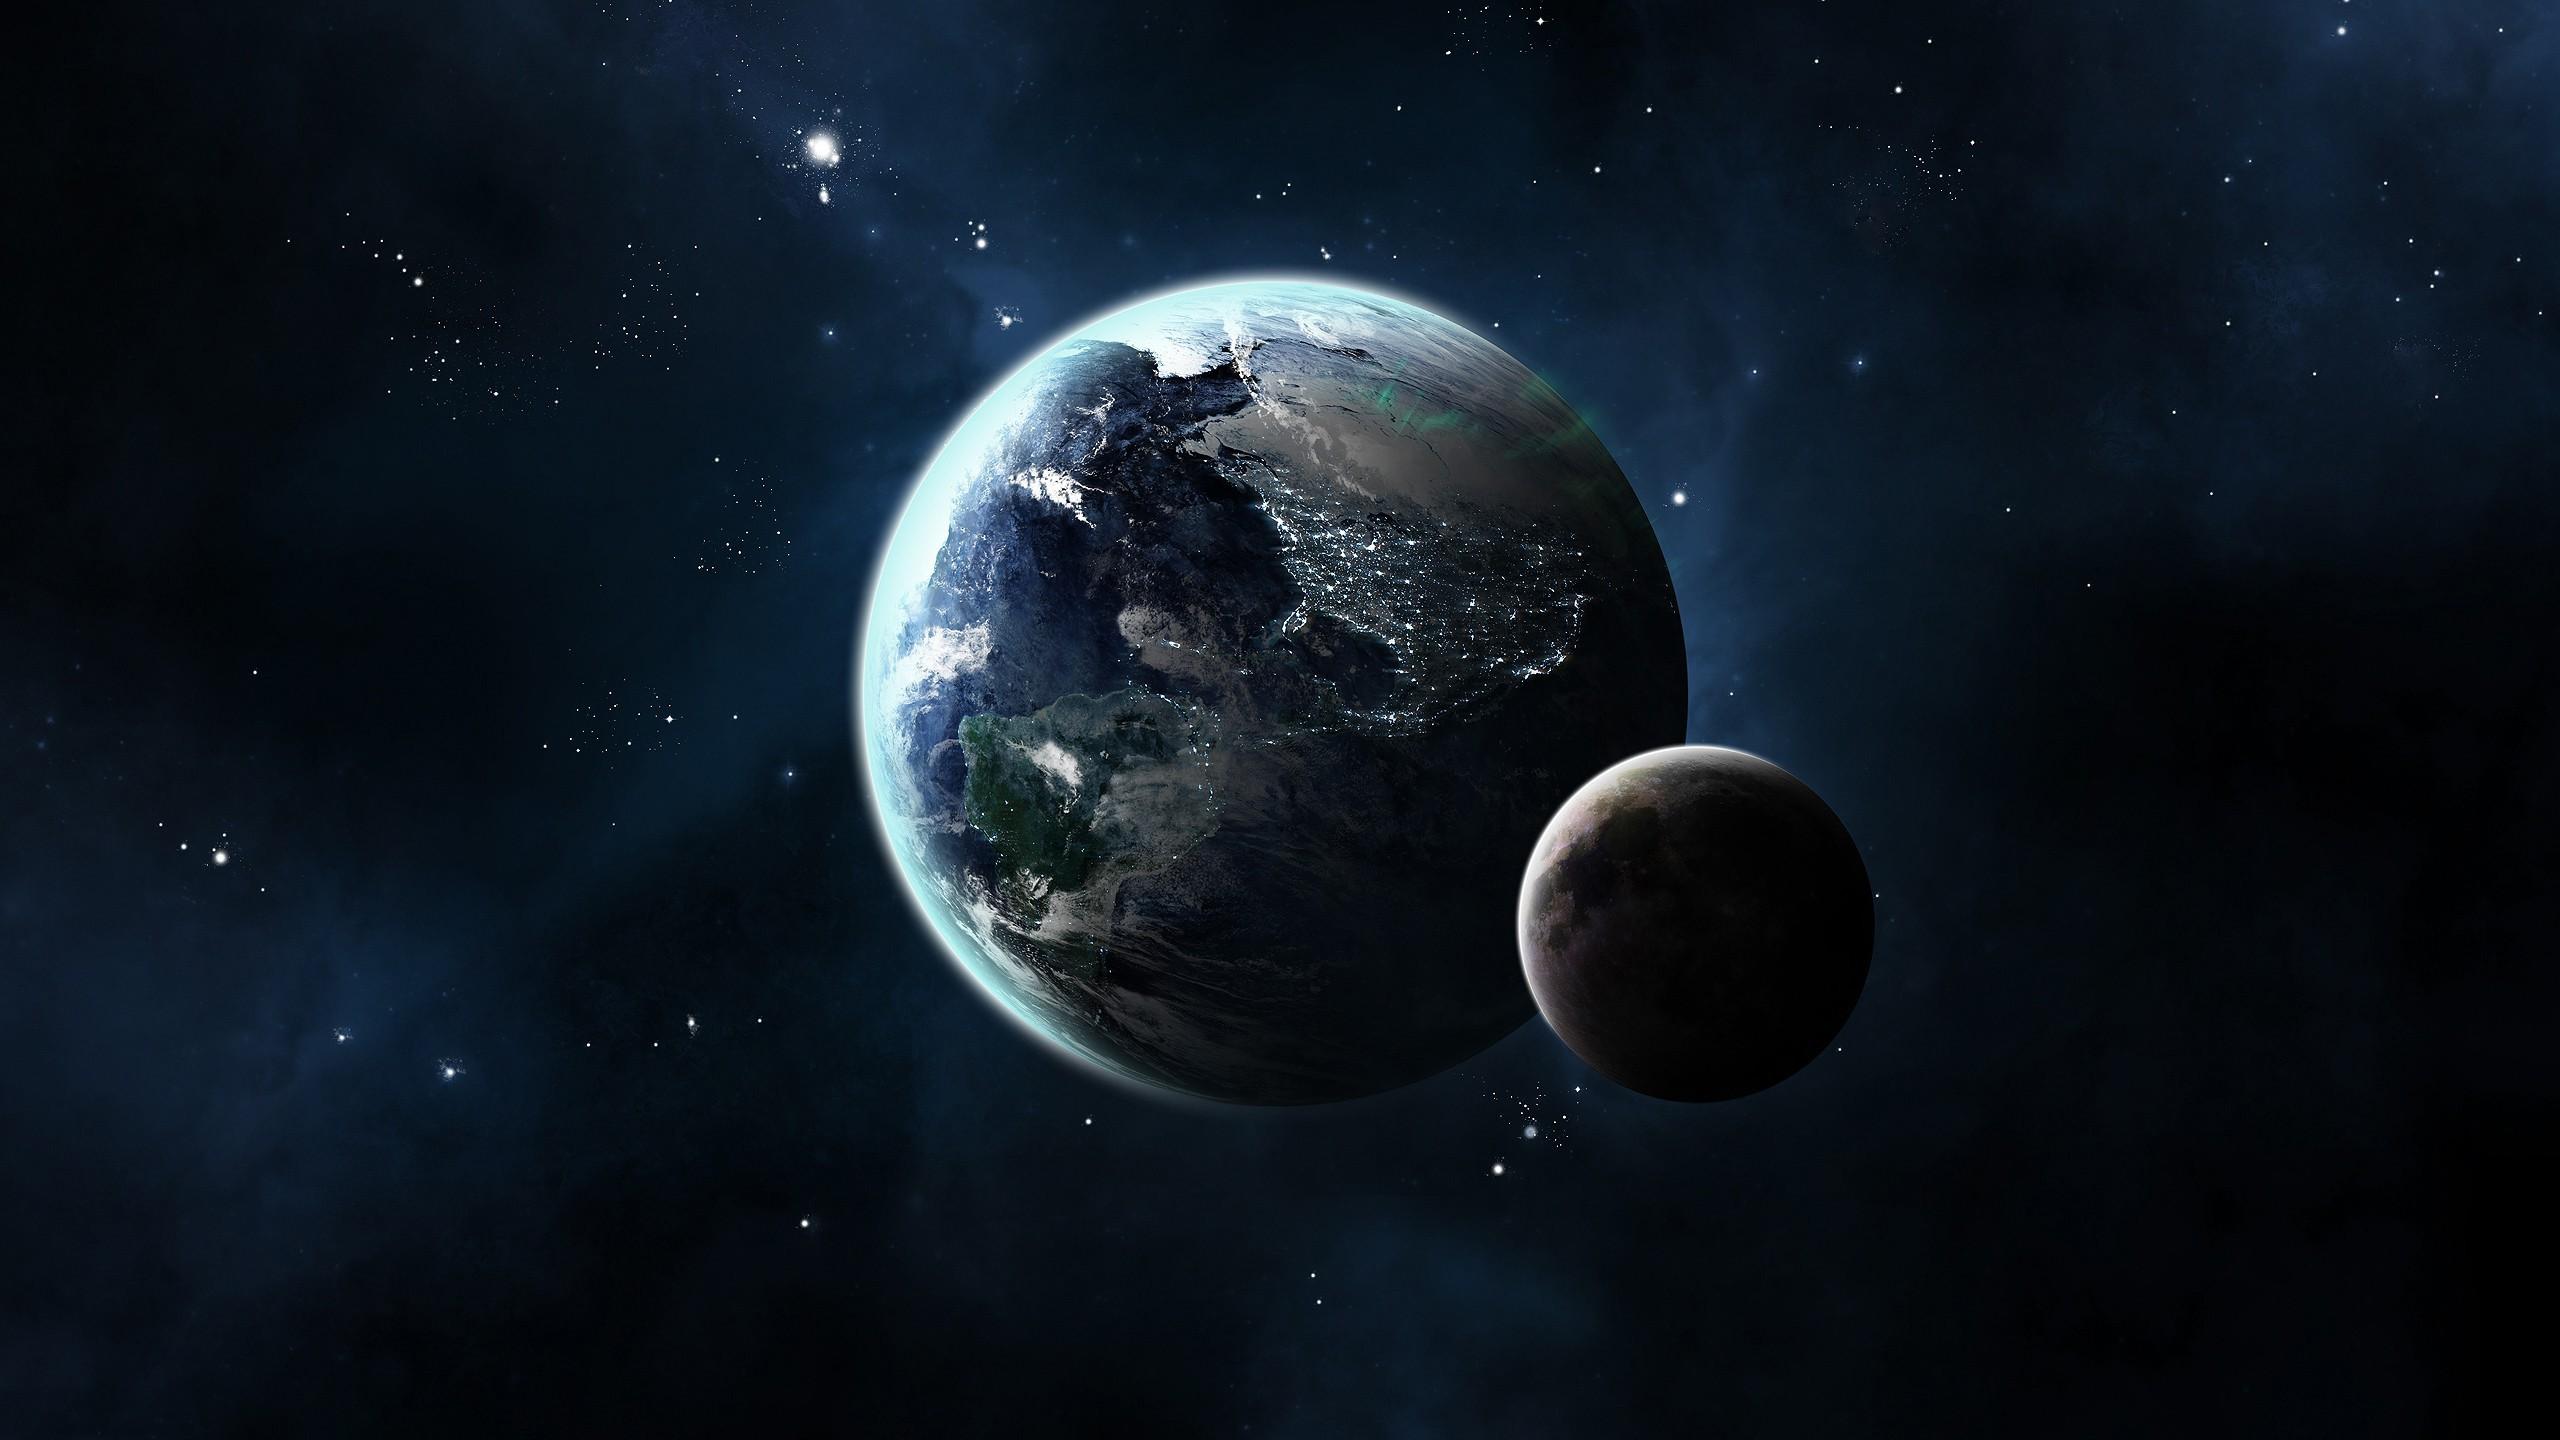 Hintergrundbilder : 2560x1440 px, CG Render, Erde, Mond ...